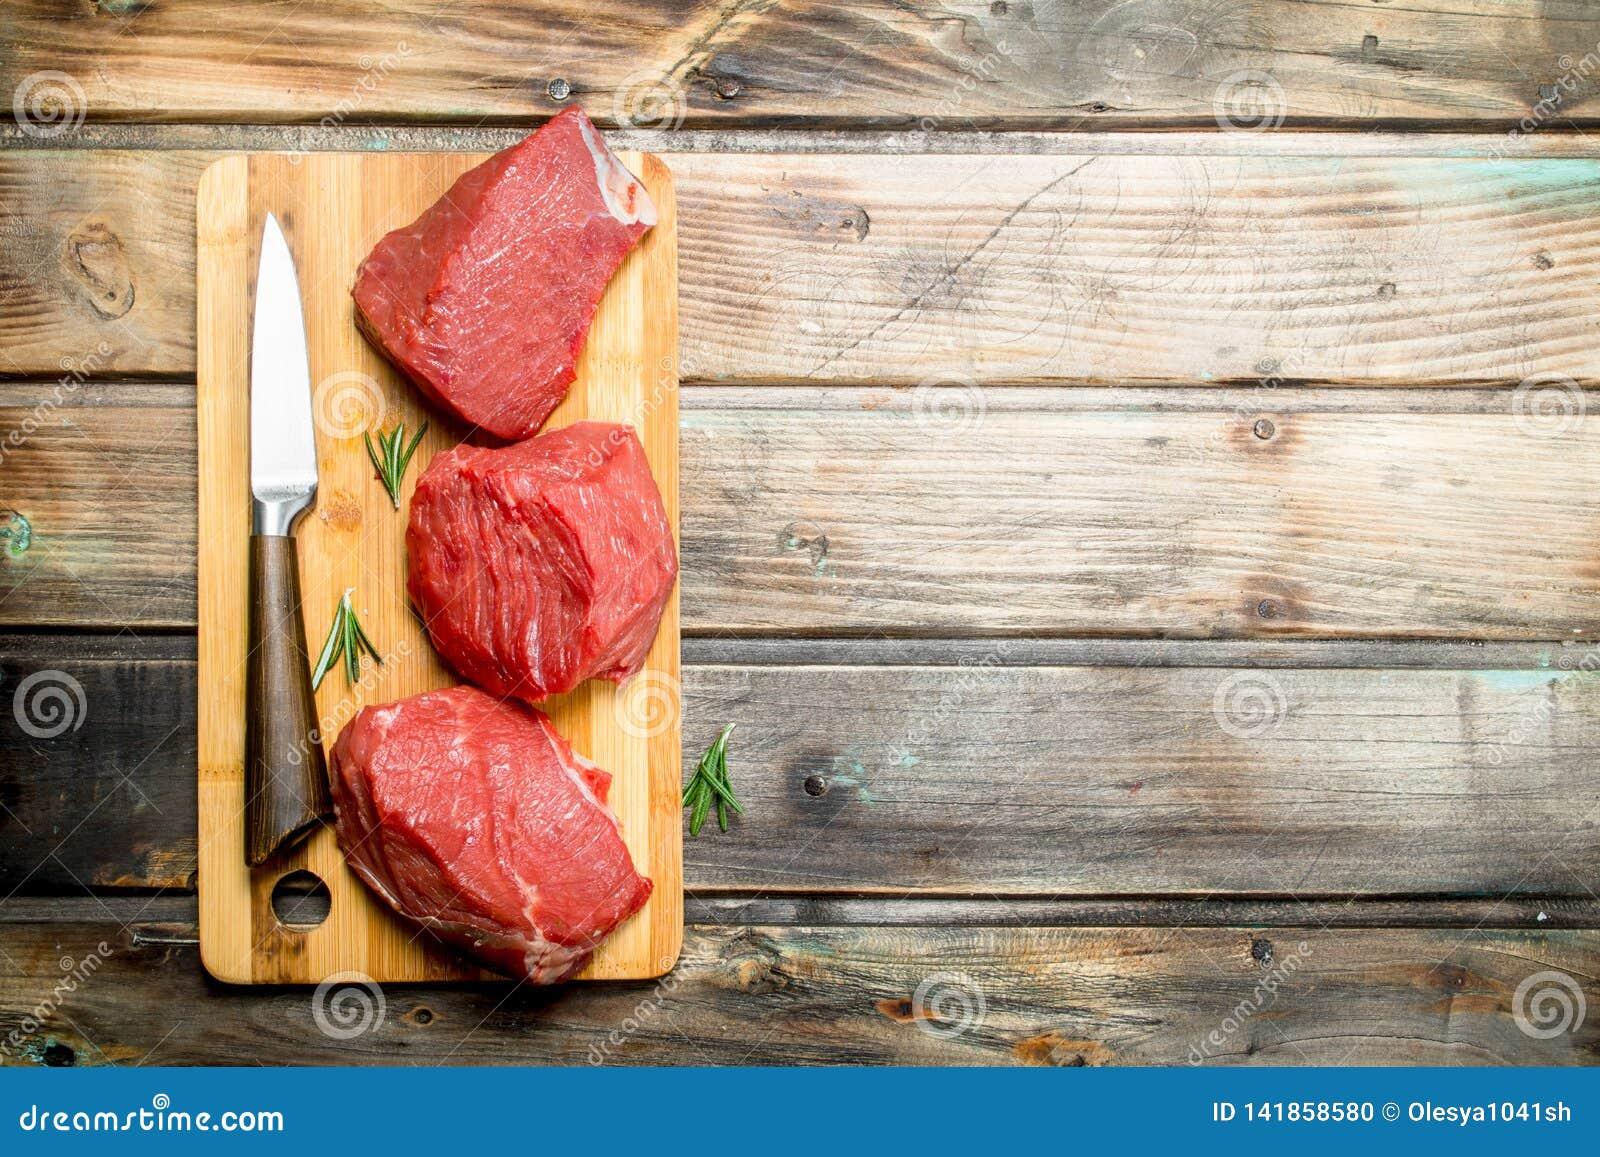 Carne sin procesar Pedazos de carne de vaca con un cuchillo